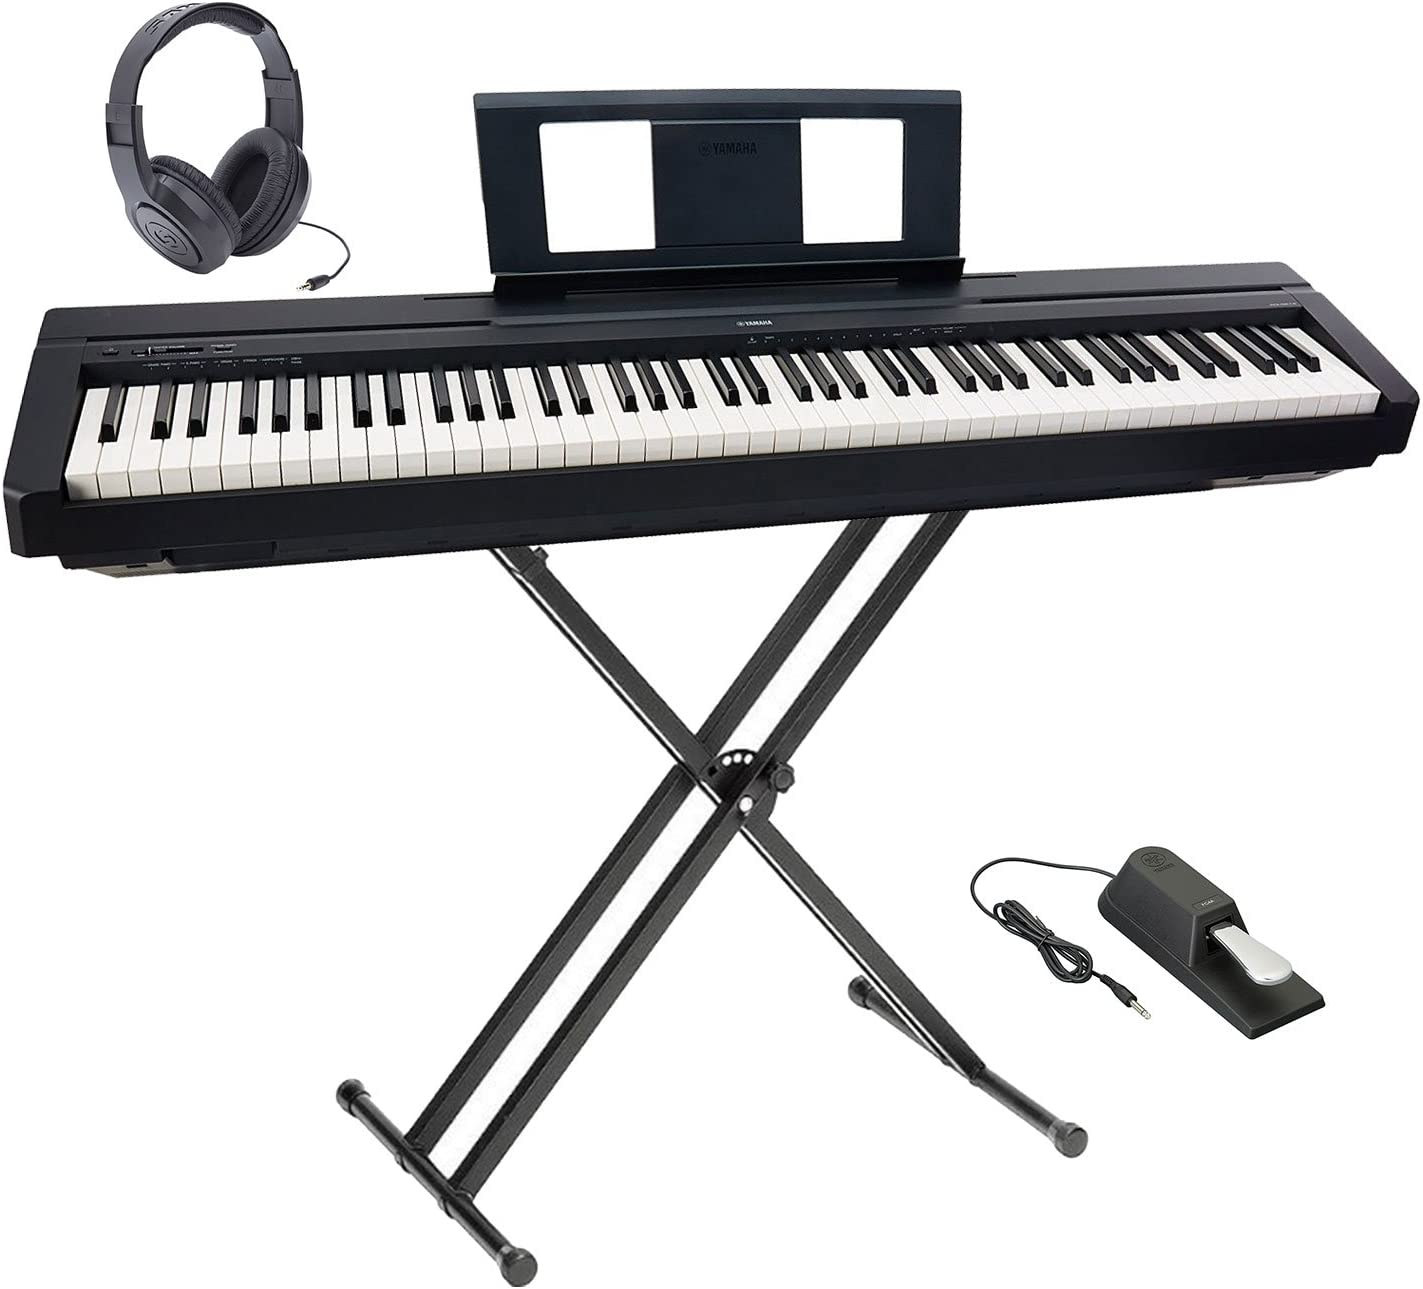 Yamaha P-45 Ultra Platinum teclado paquete con auriculares, soporte doble X y pedal de Sustain